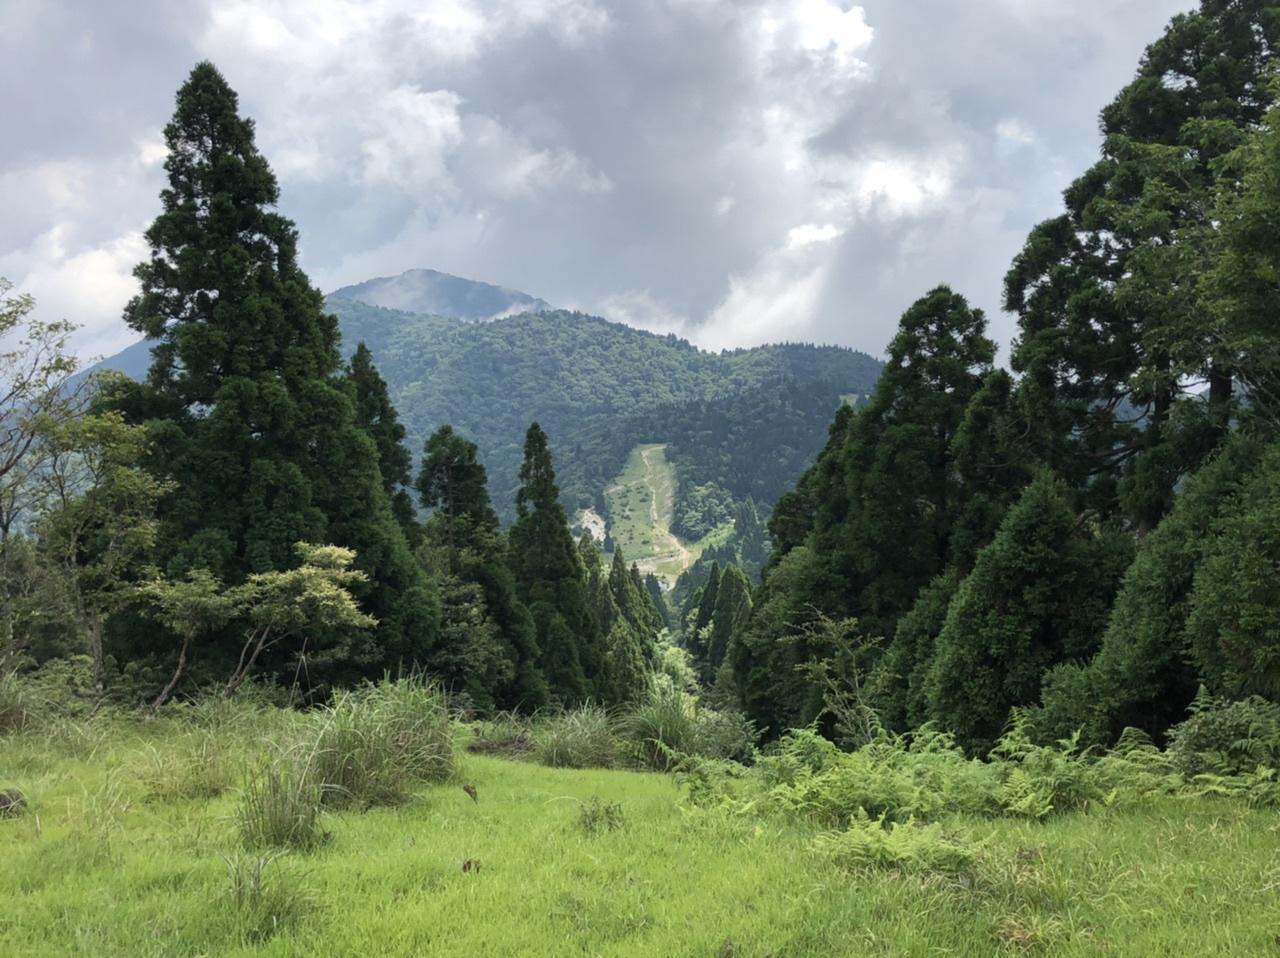 武奈ヶ岳 難関の八淵の滝ルートで攻略!_b0200358_13015316.jpeg